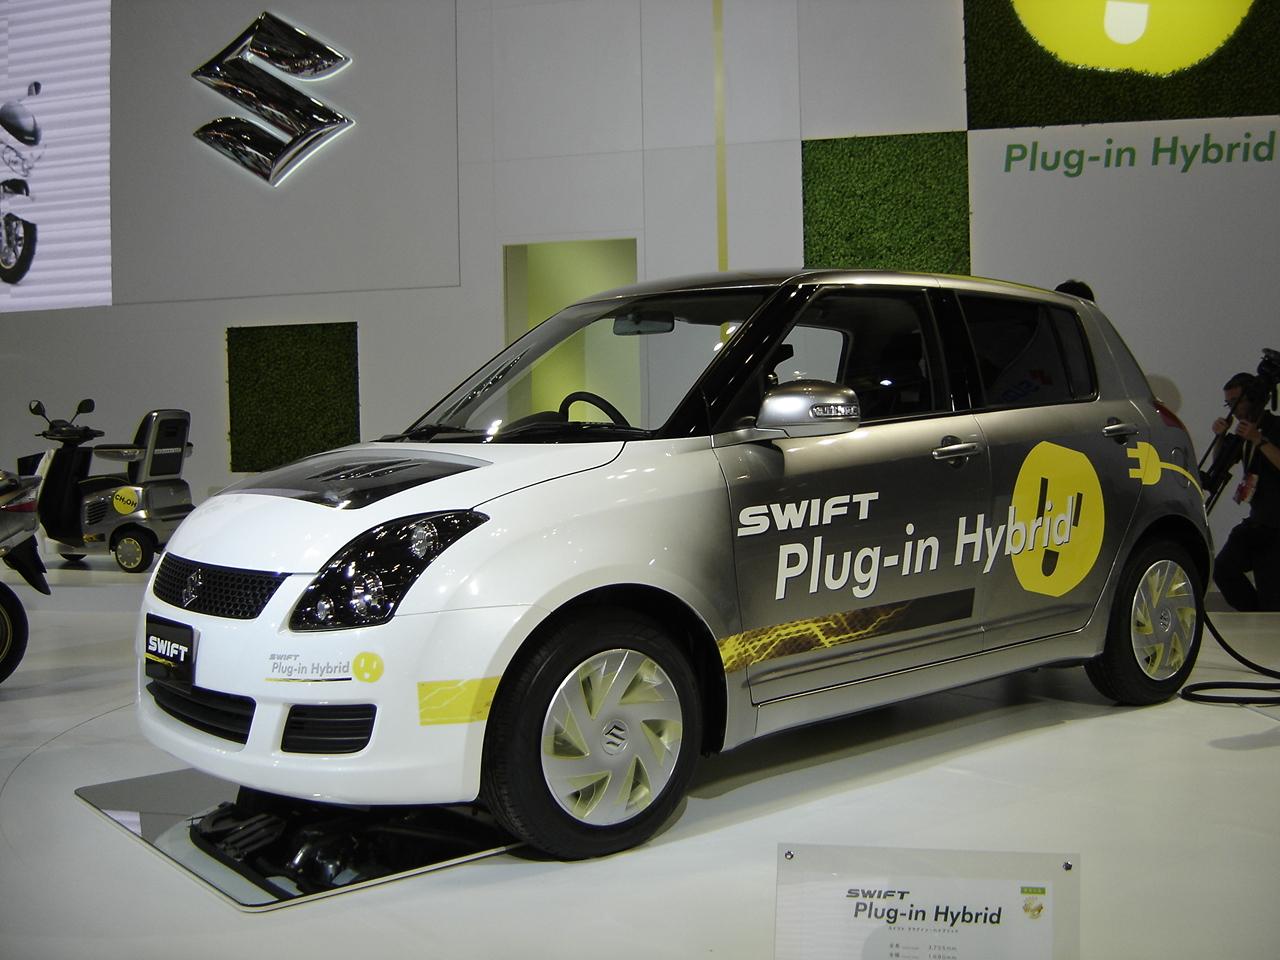 suzuki-swift-plug-in-hybrid